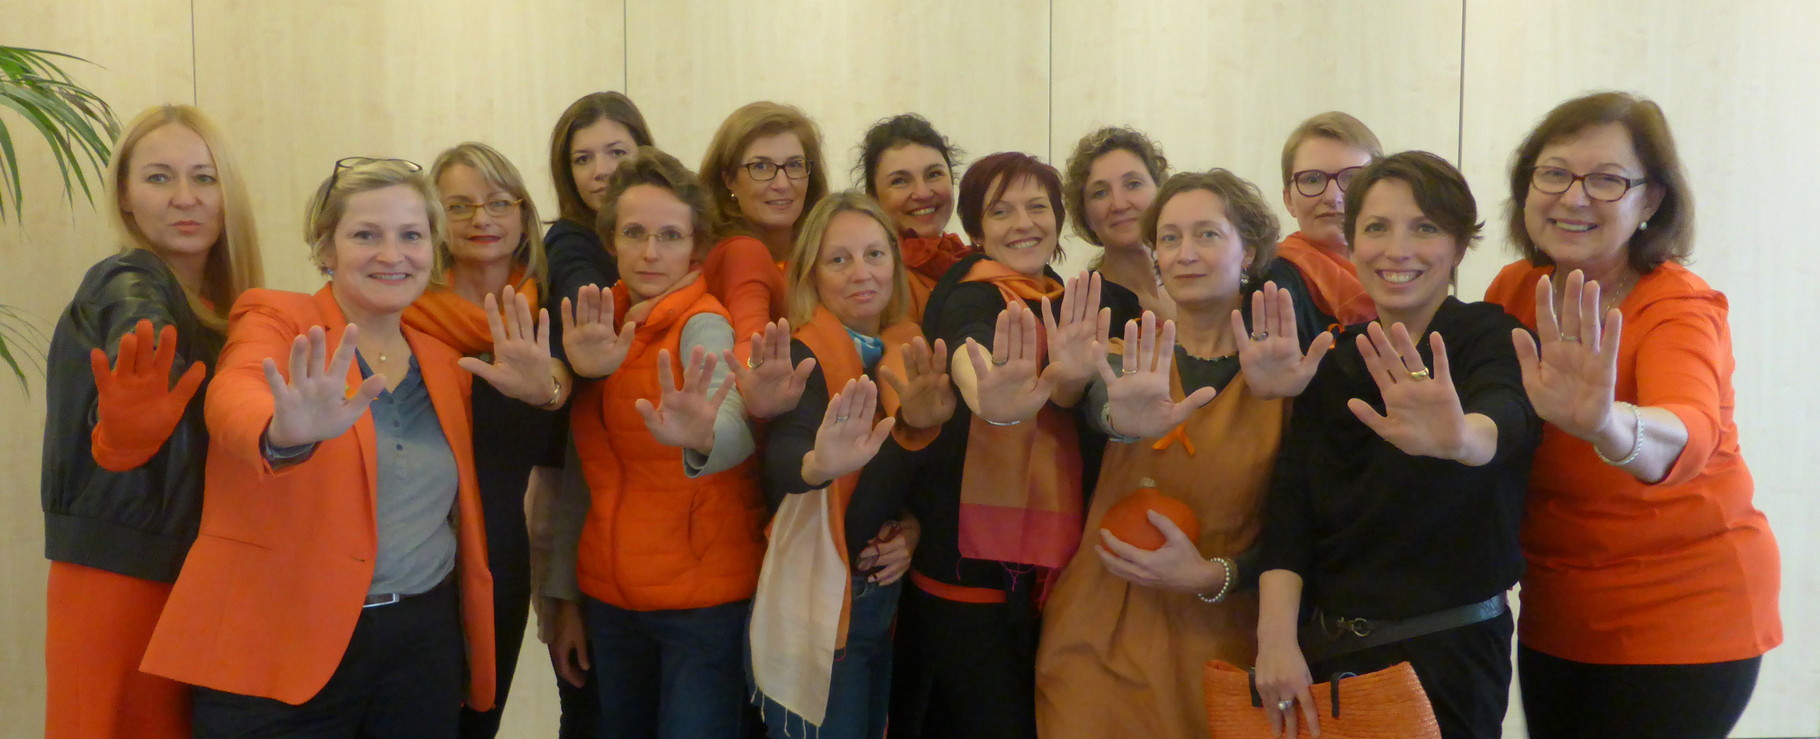 2014 11 Soroptimist Club Worms sagt STOPP!! zu Gewalt gegen Frauen und Kindern